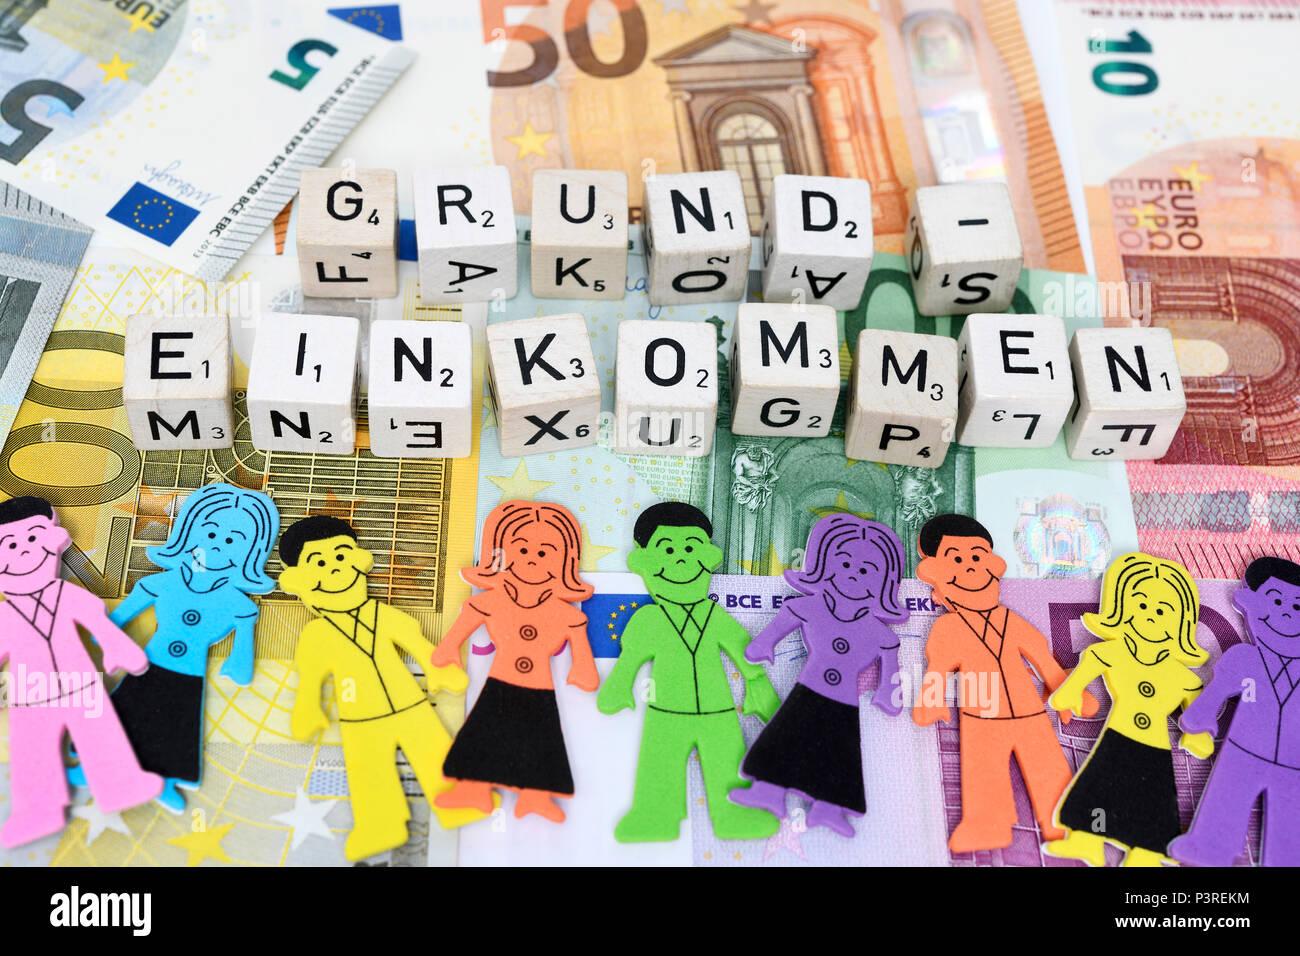 Letter cube forms the word basic income on money, Buchstabenwürfel formen das Wort Grundeinkommen auf Geldscheinen - Stock Image